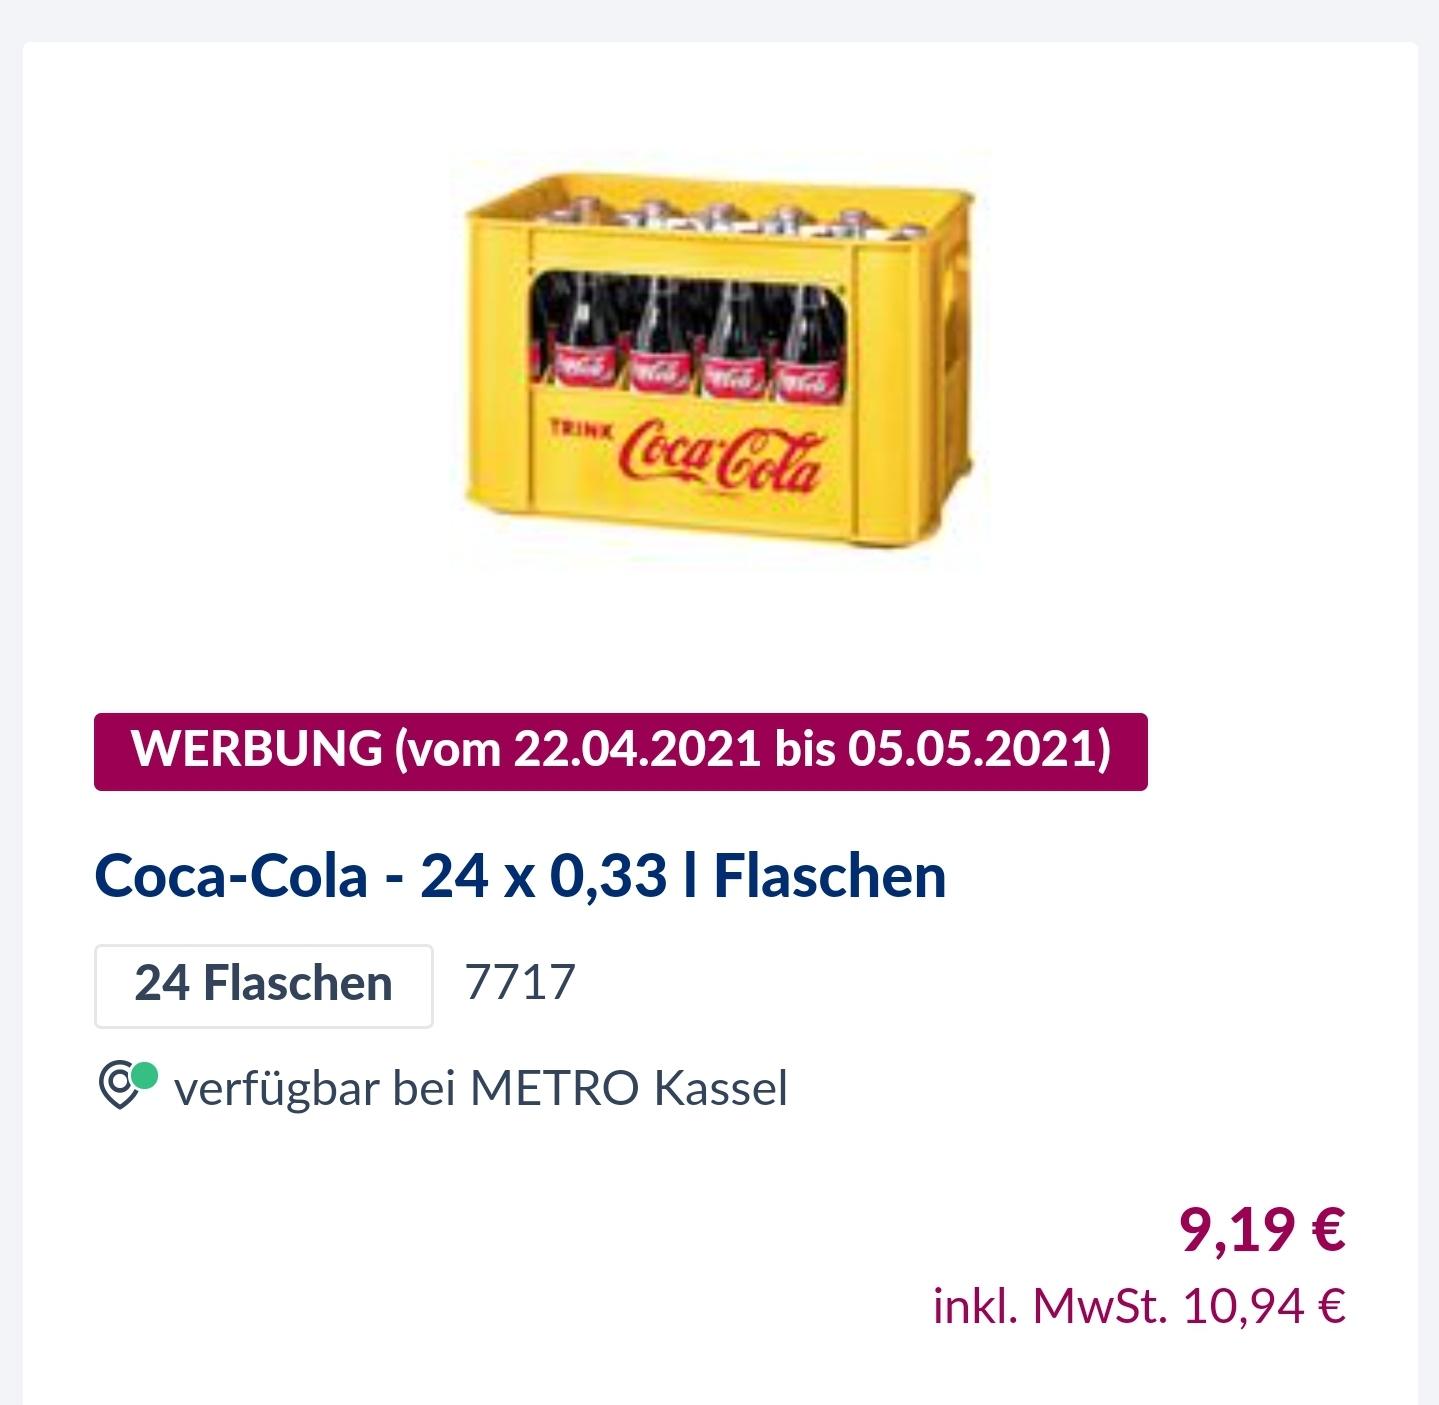 Coca-Cola - 24 x 0,33 l Flaschen - Metro